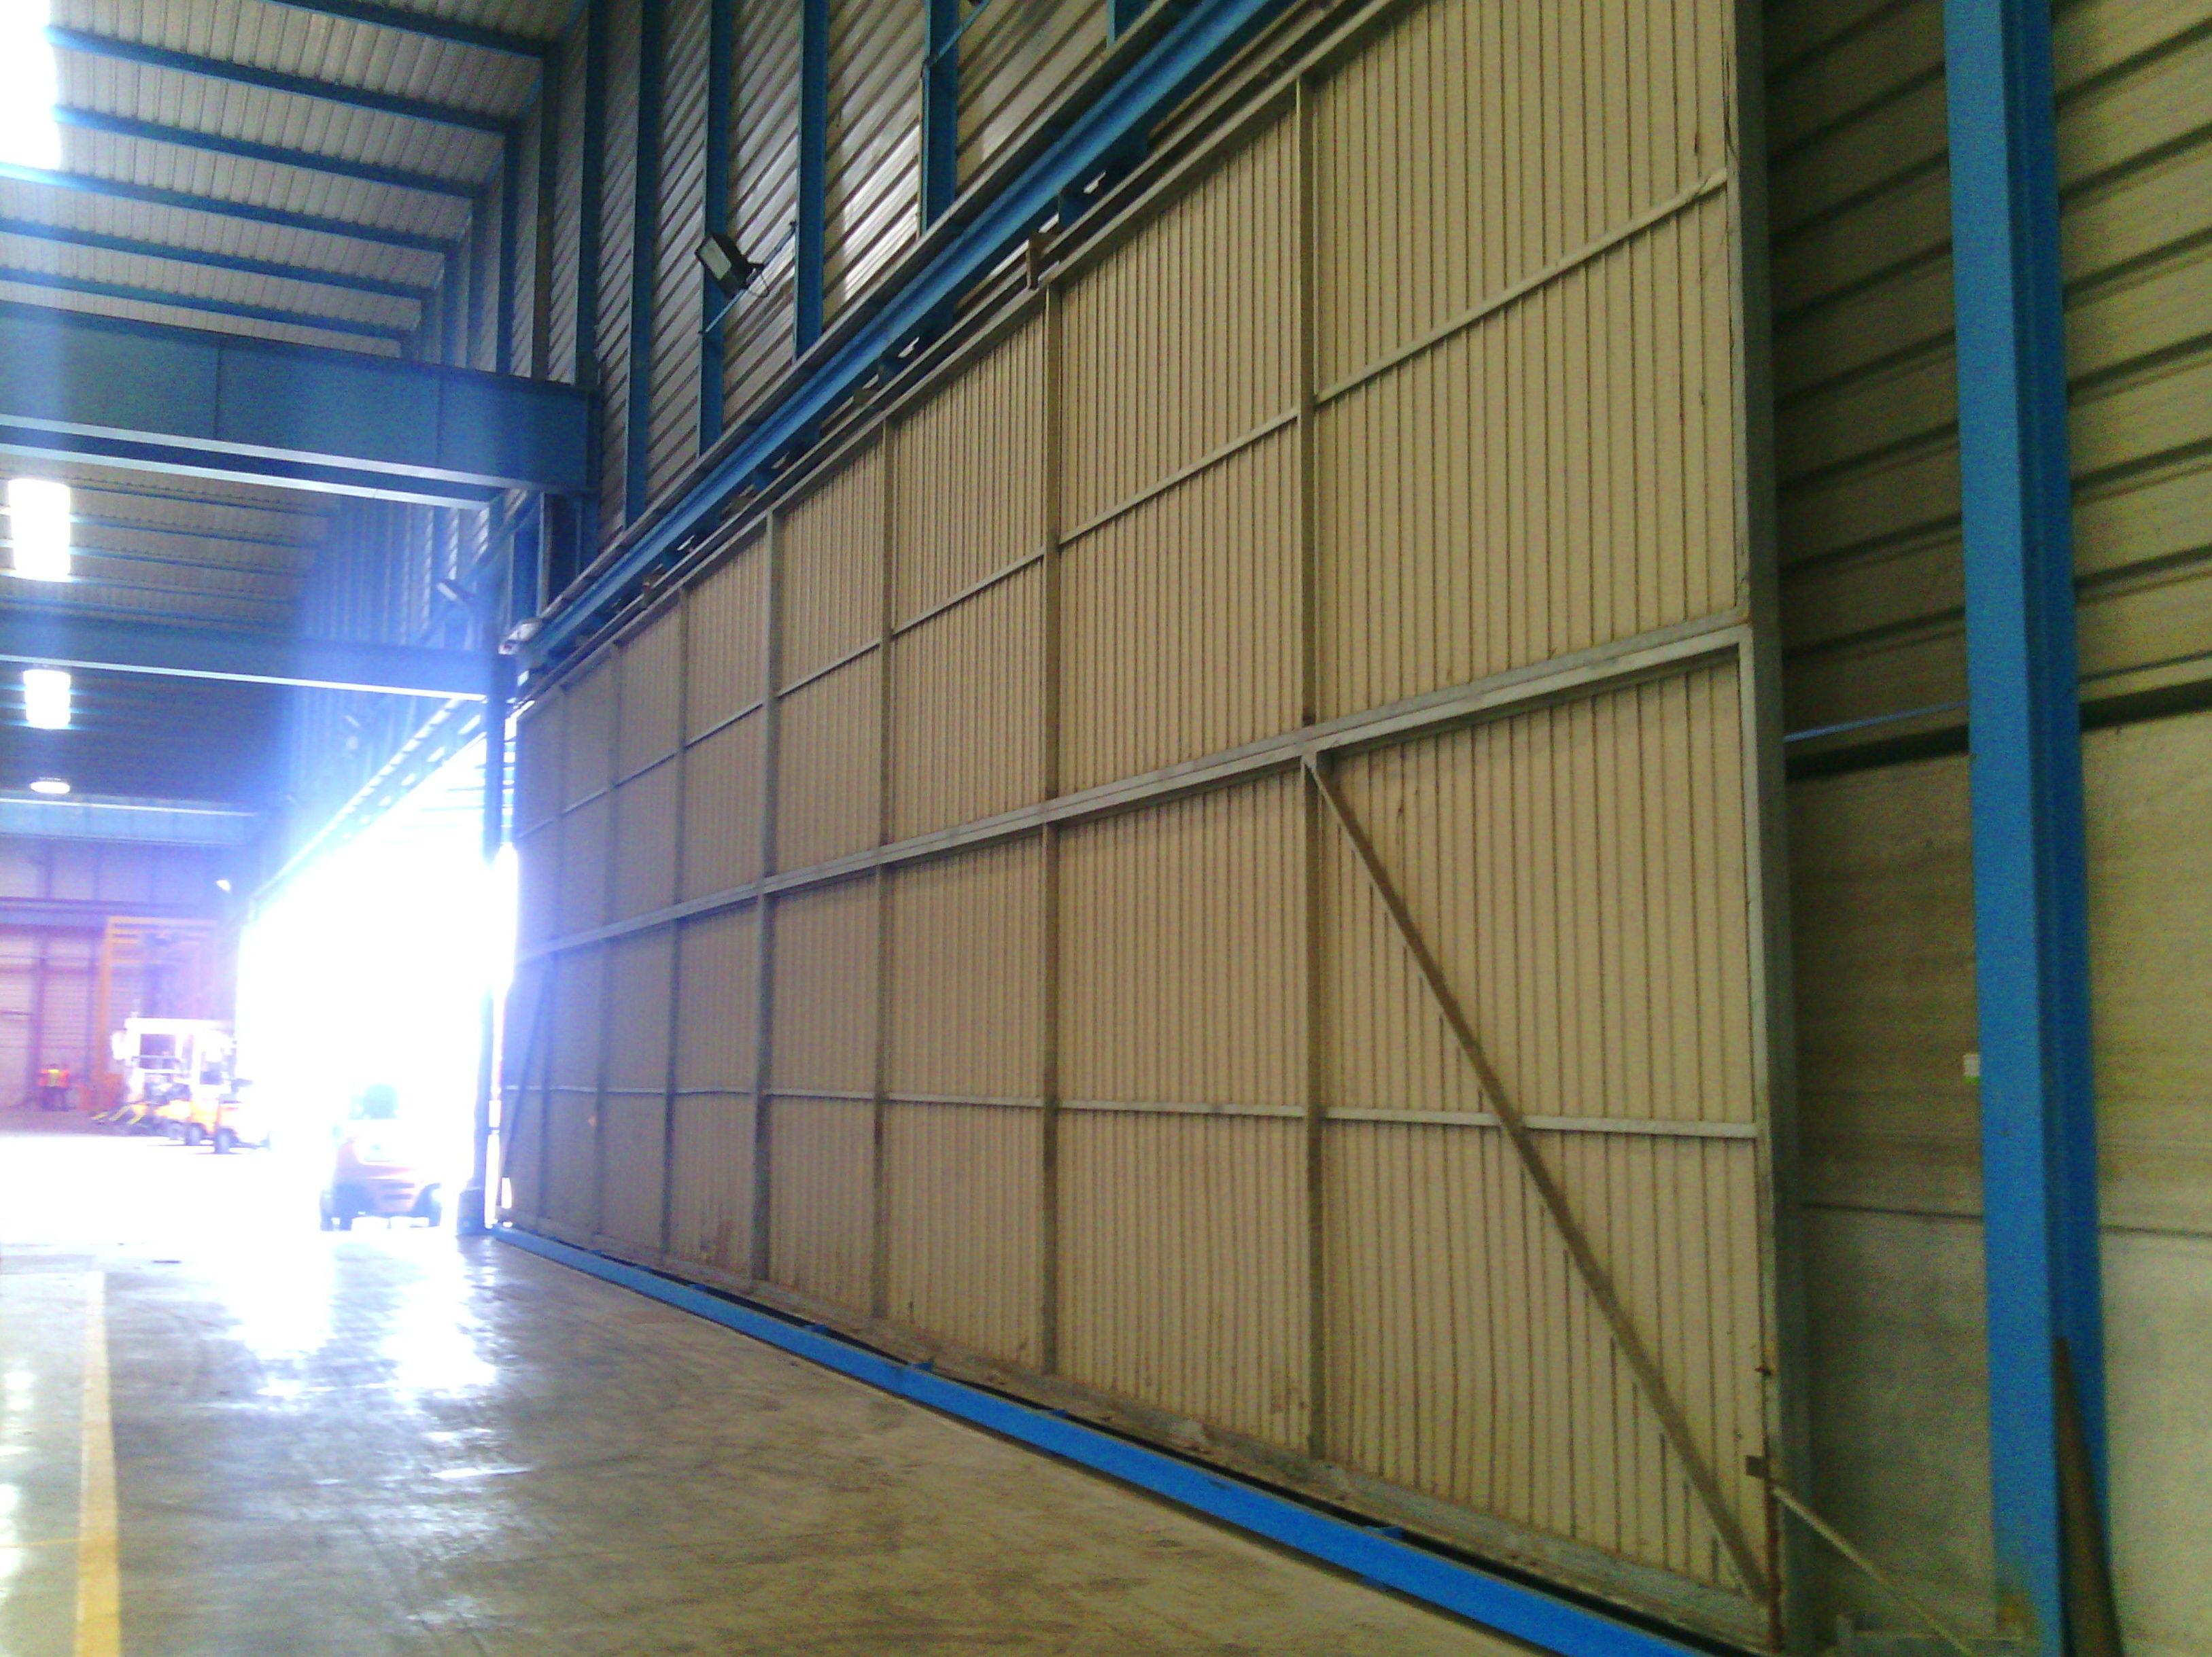 Puerta corredera Metálica industrial con guías aéreas suspendidas de 20 metros